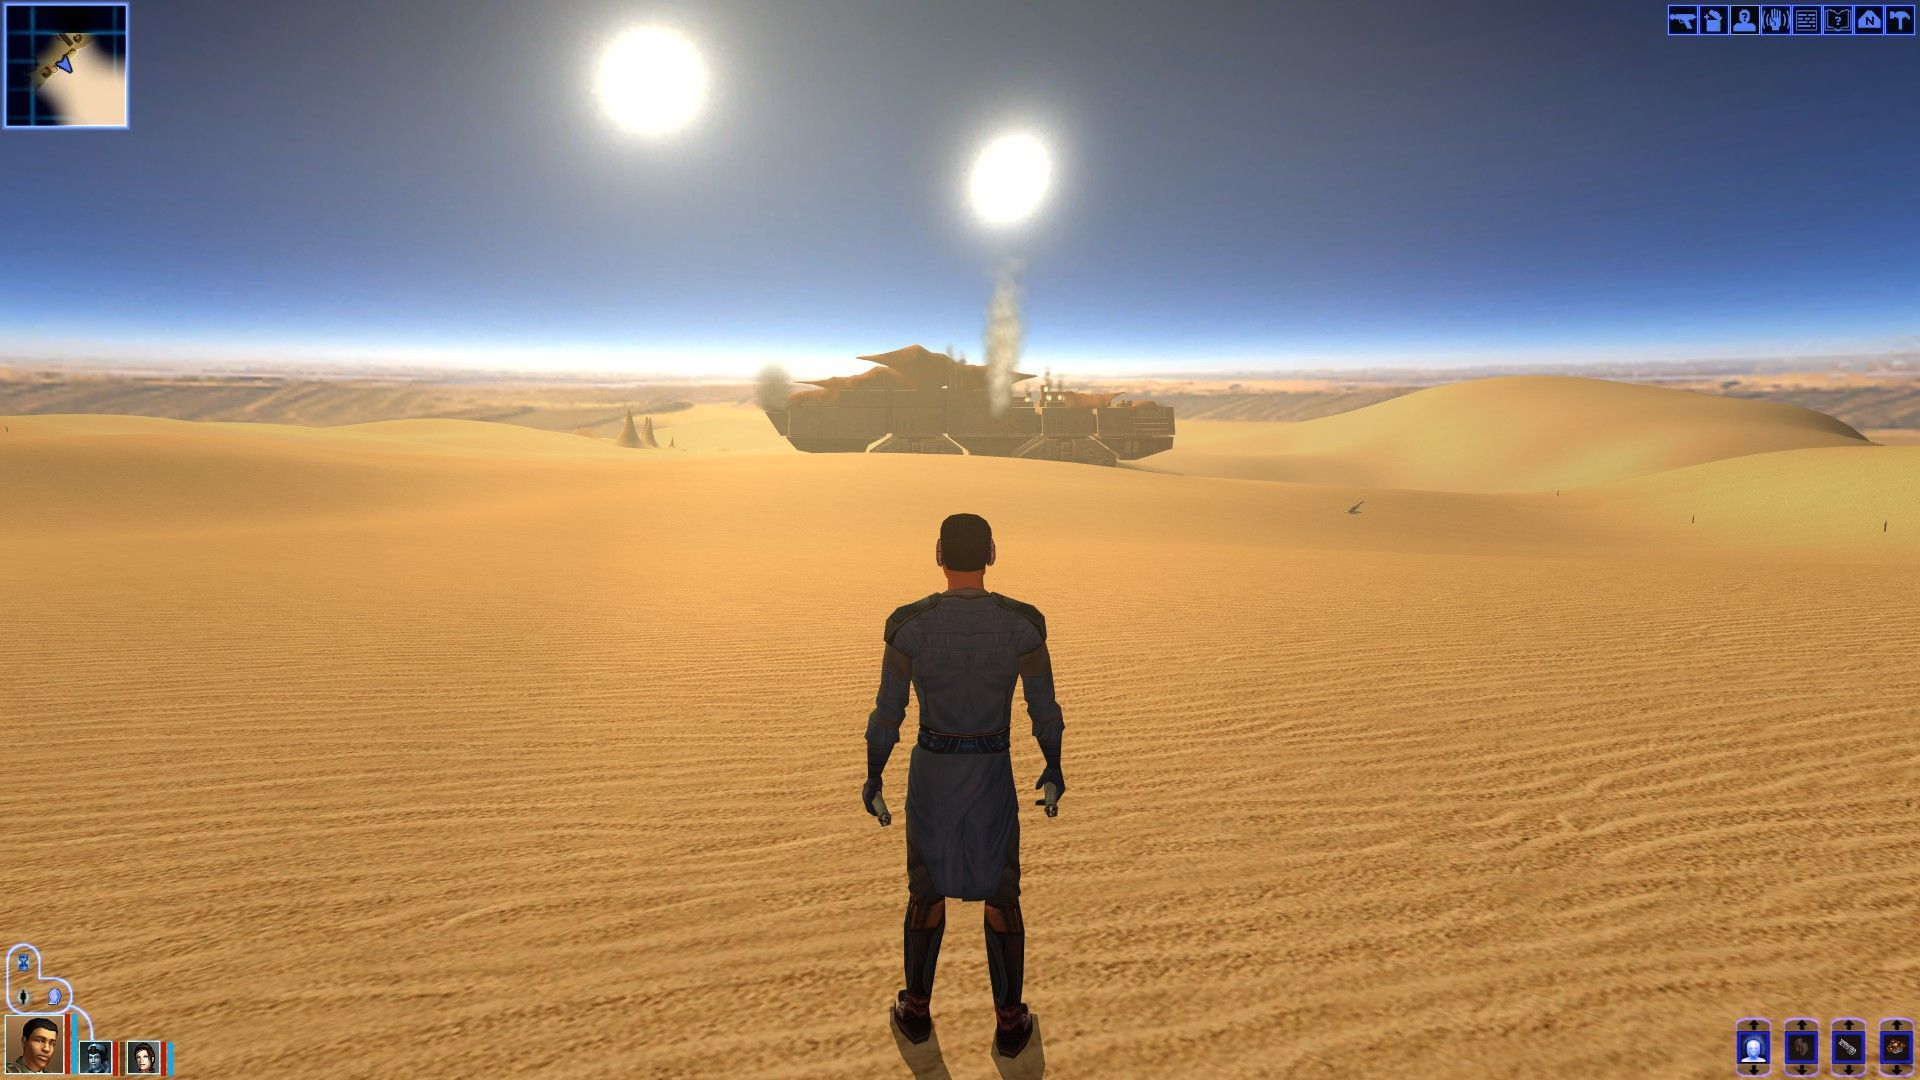 ¿Qué droide puede adquirirse en Tatooine?